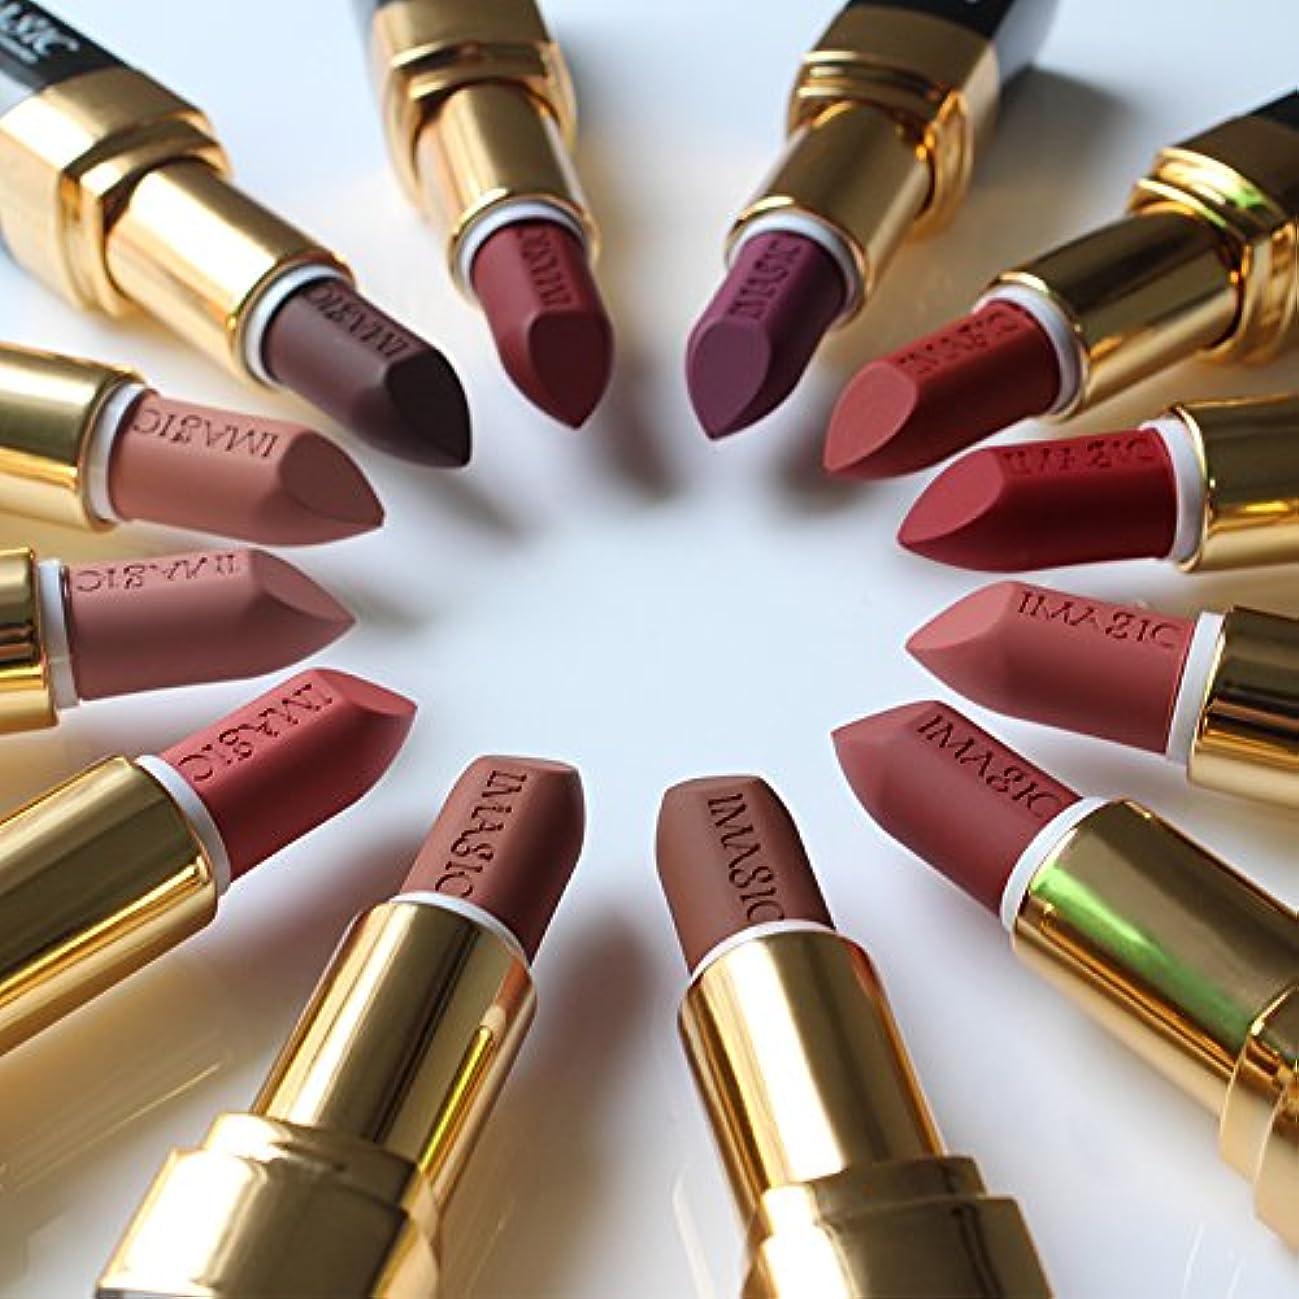 才能のある性交灌漑Color #1 Lipstick Moisturizer Lips Smooth Lip Stick Long Lasting Charming Lip Lipstick Cosmetic Beauty Makeup 12 Colors